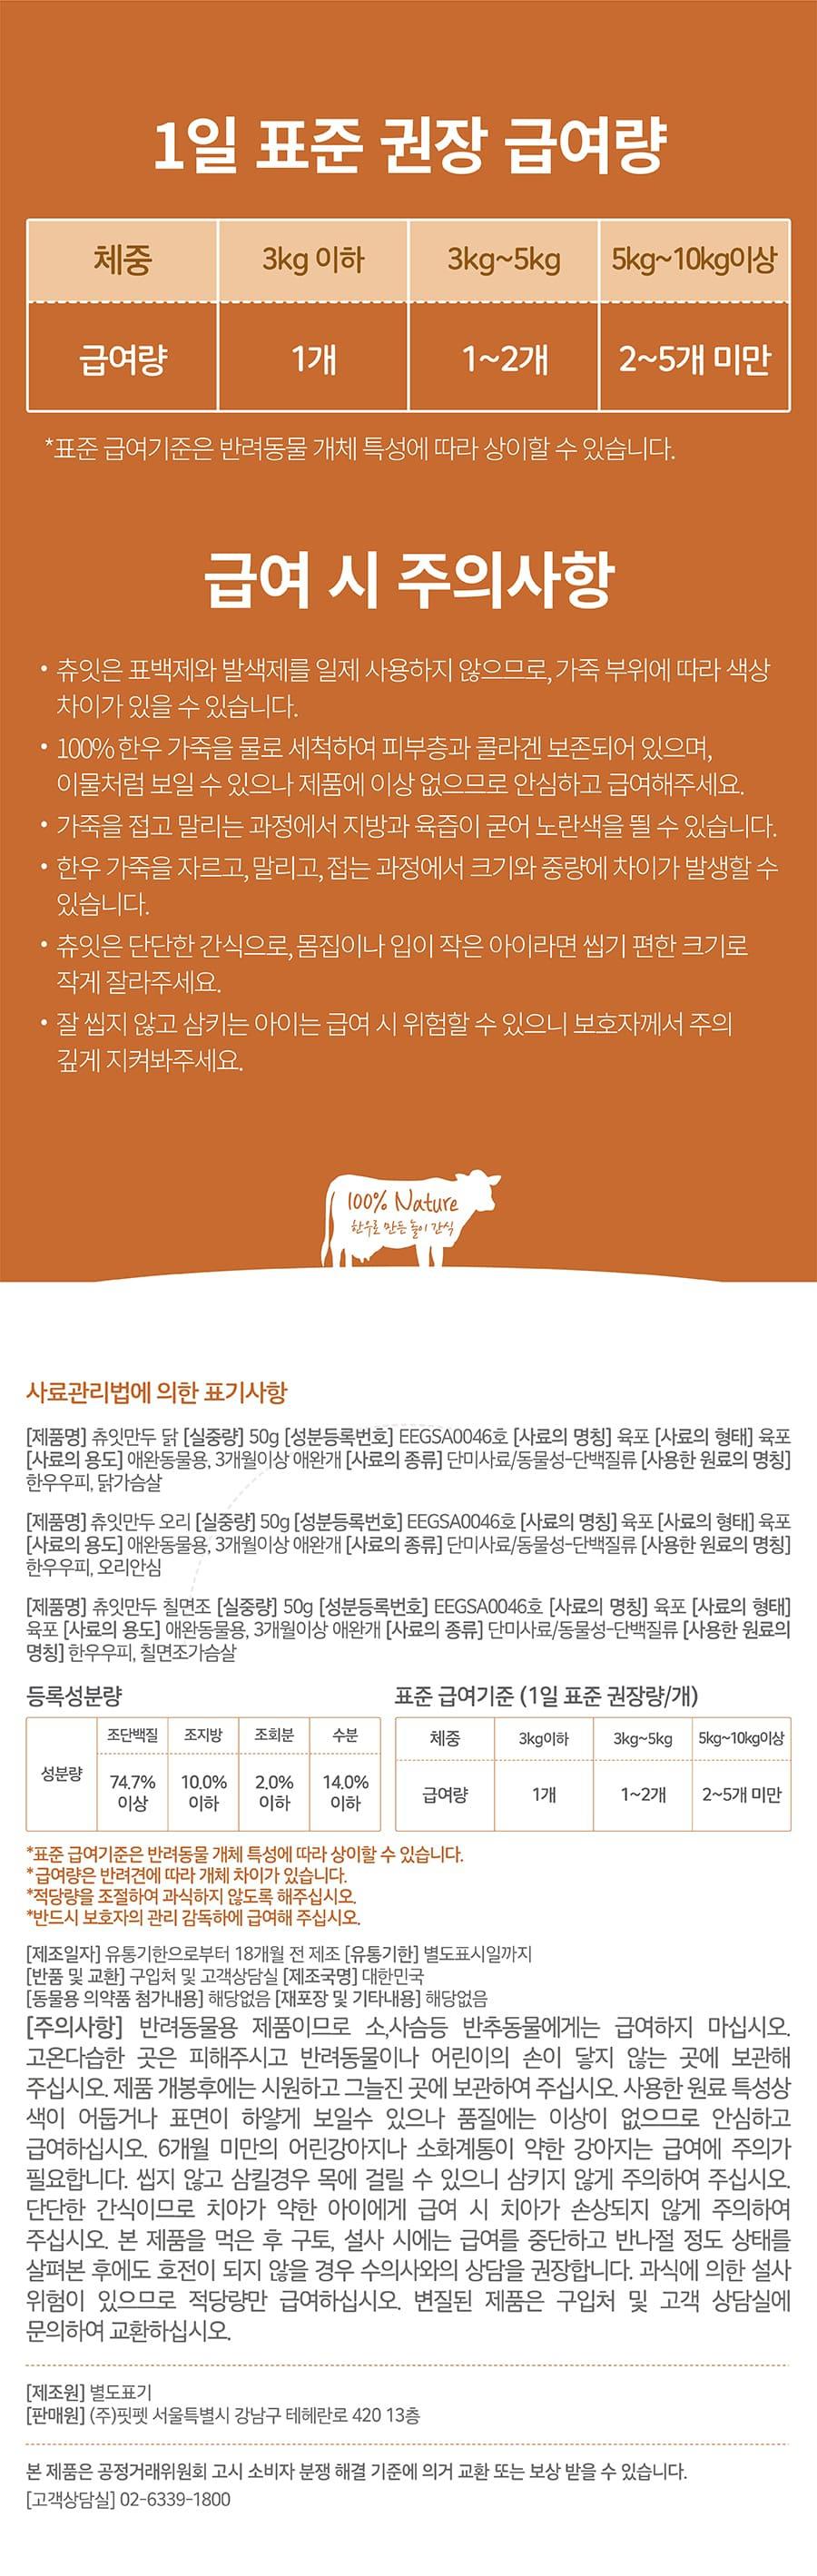 [EVENT] it 츄잇 만두 (닭/오리/칠면조)-상품이미지-33